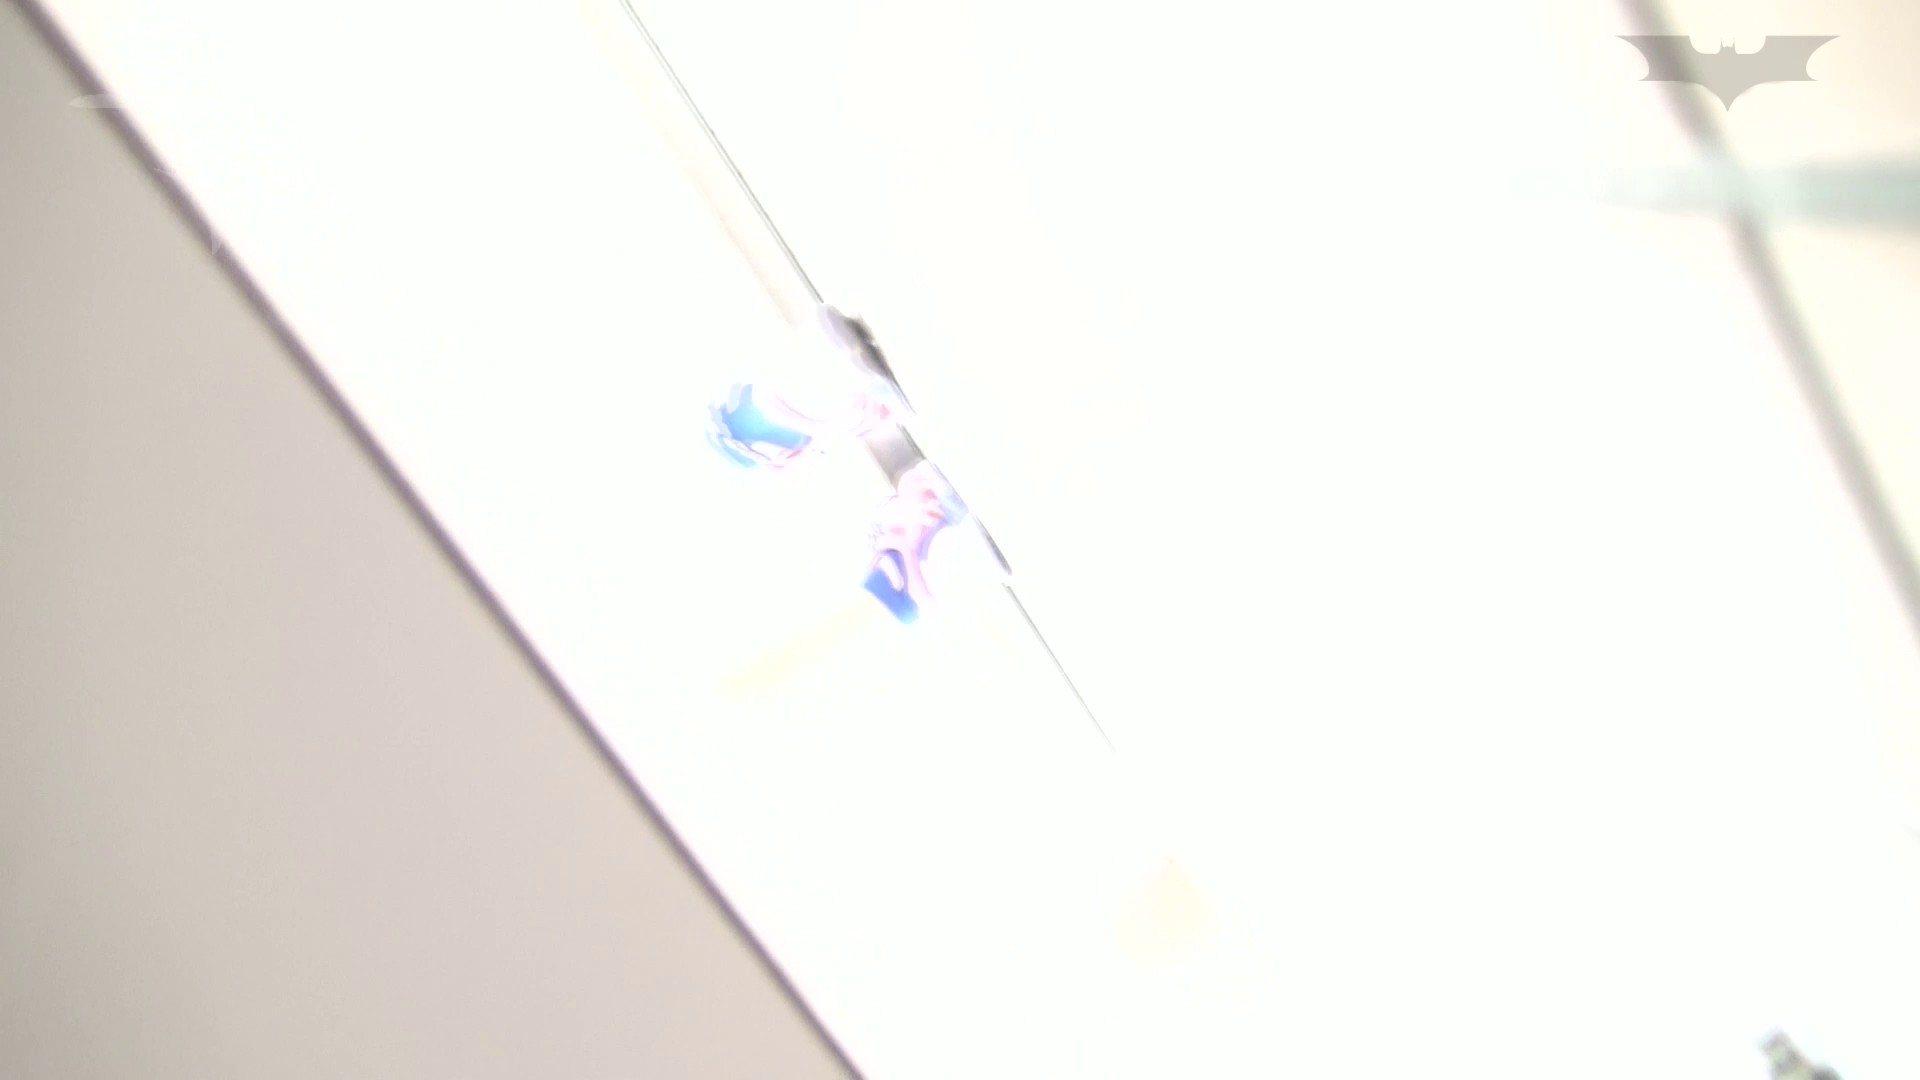 超美女ツル!うんこ見所満載! 期間限定神キタ!ツルピカの放nyo!Vol.12 期間限定シリーズ ぱこり動画紹介 112画像 102